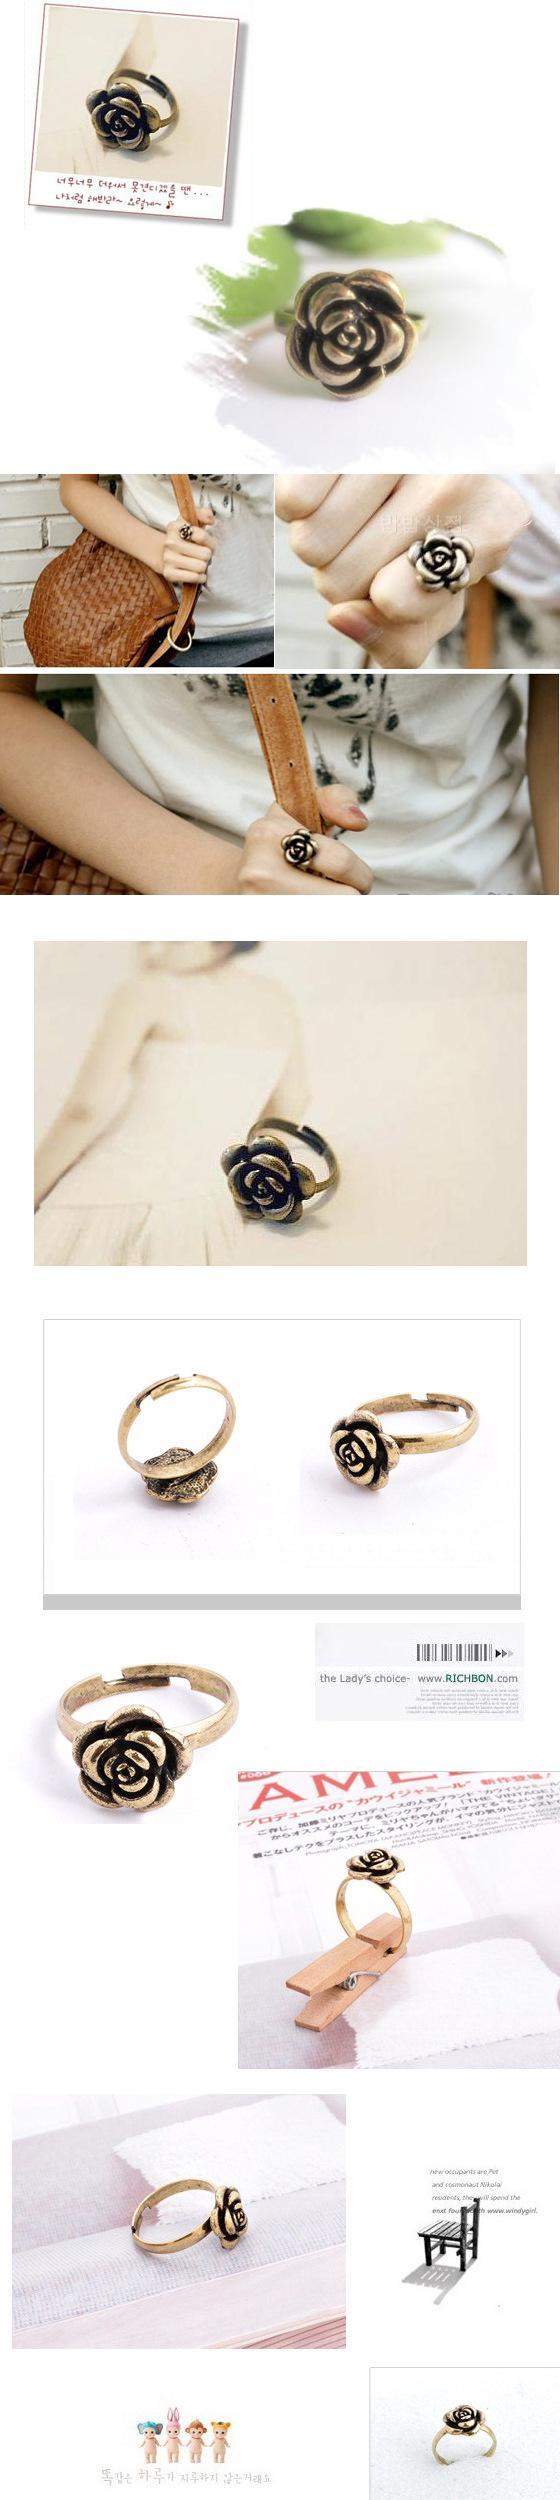 New Fashion Jewelry Gift Cluster Anelli Fiore rosa Etnici Regolabile Anello le donne Accessori le donne Gioielli Retro Anelli di bronzo antico